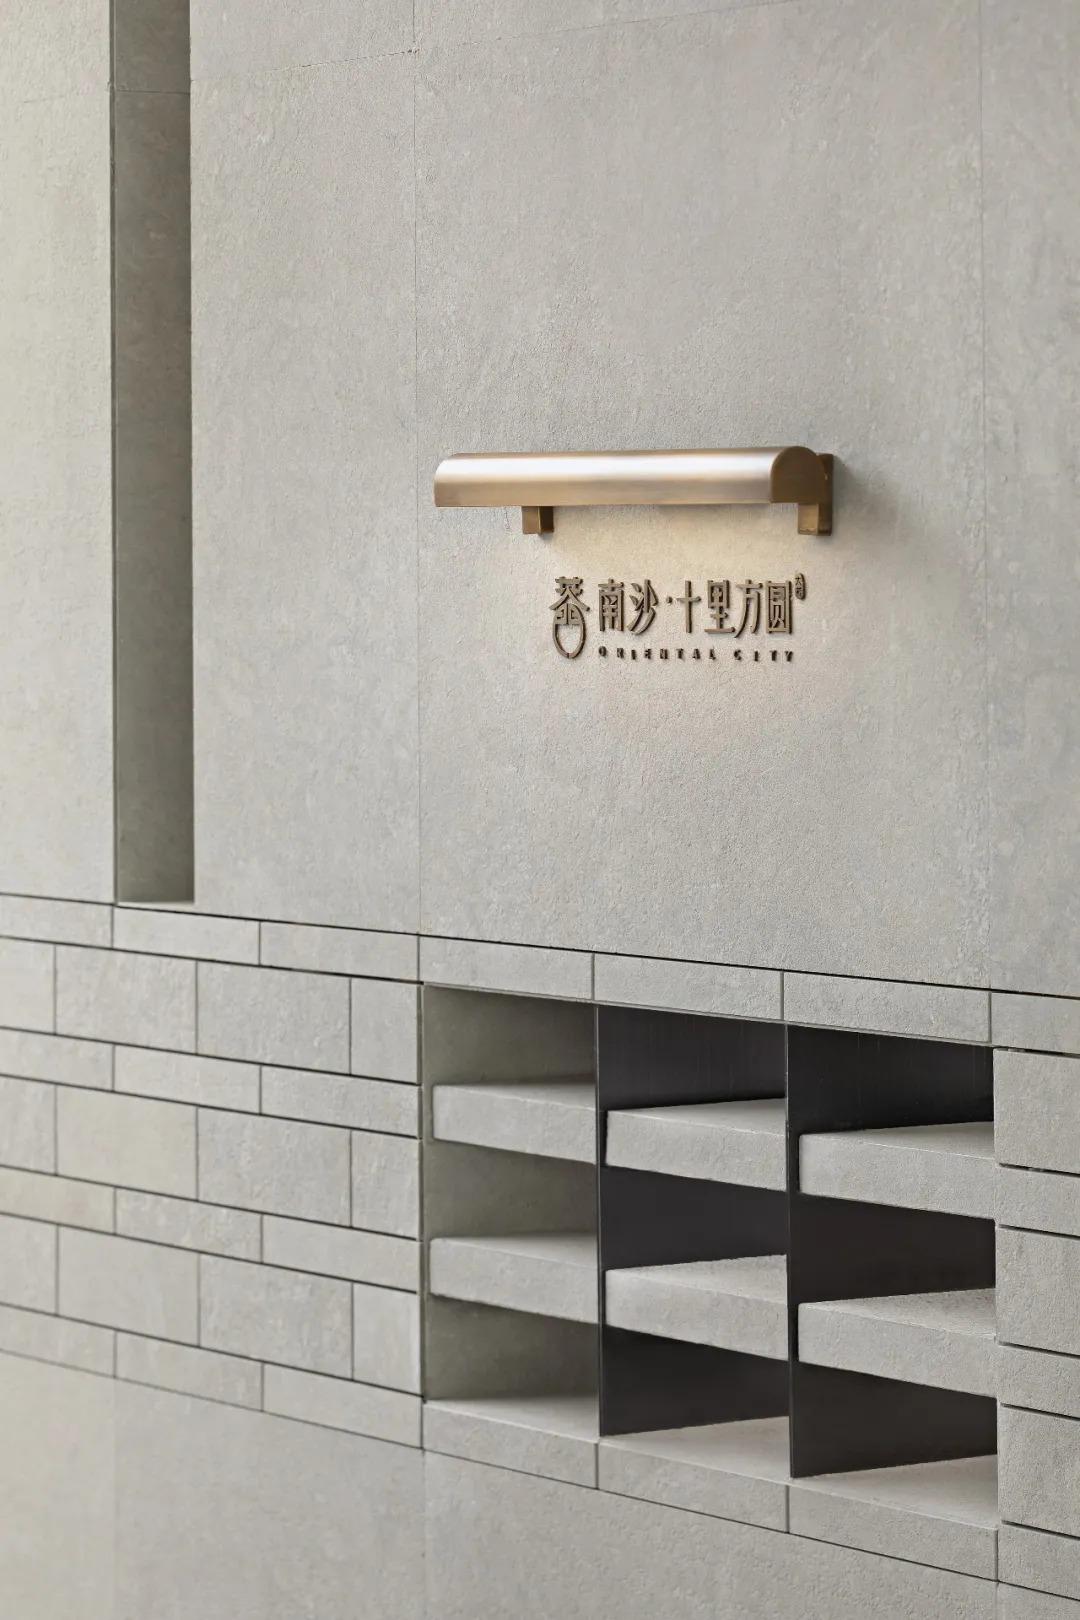 南沙十里方圆 室内设计 /   矩陣纵橫